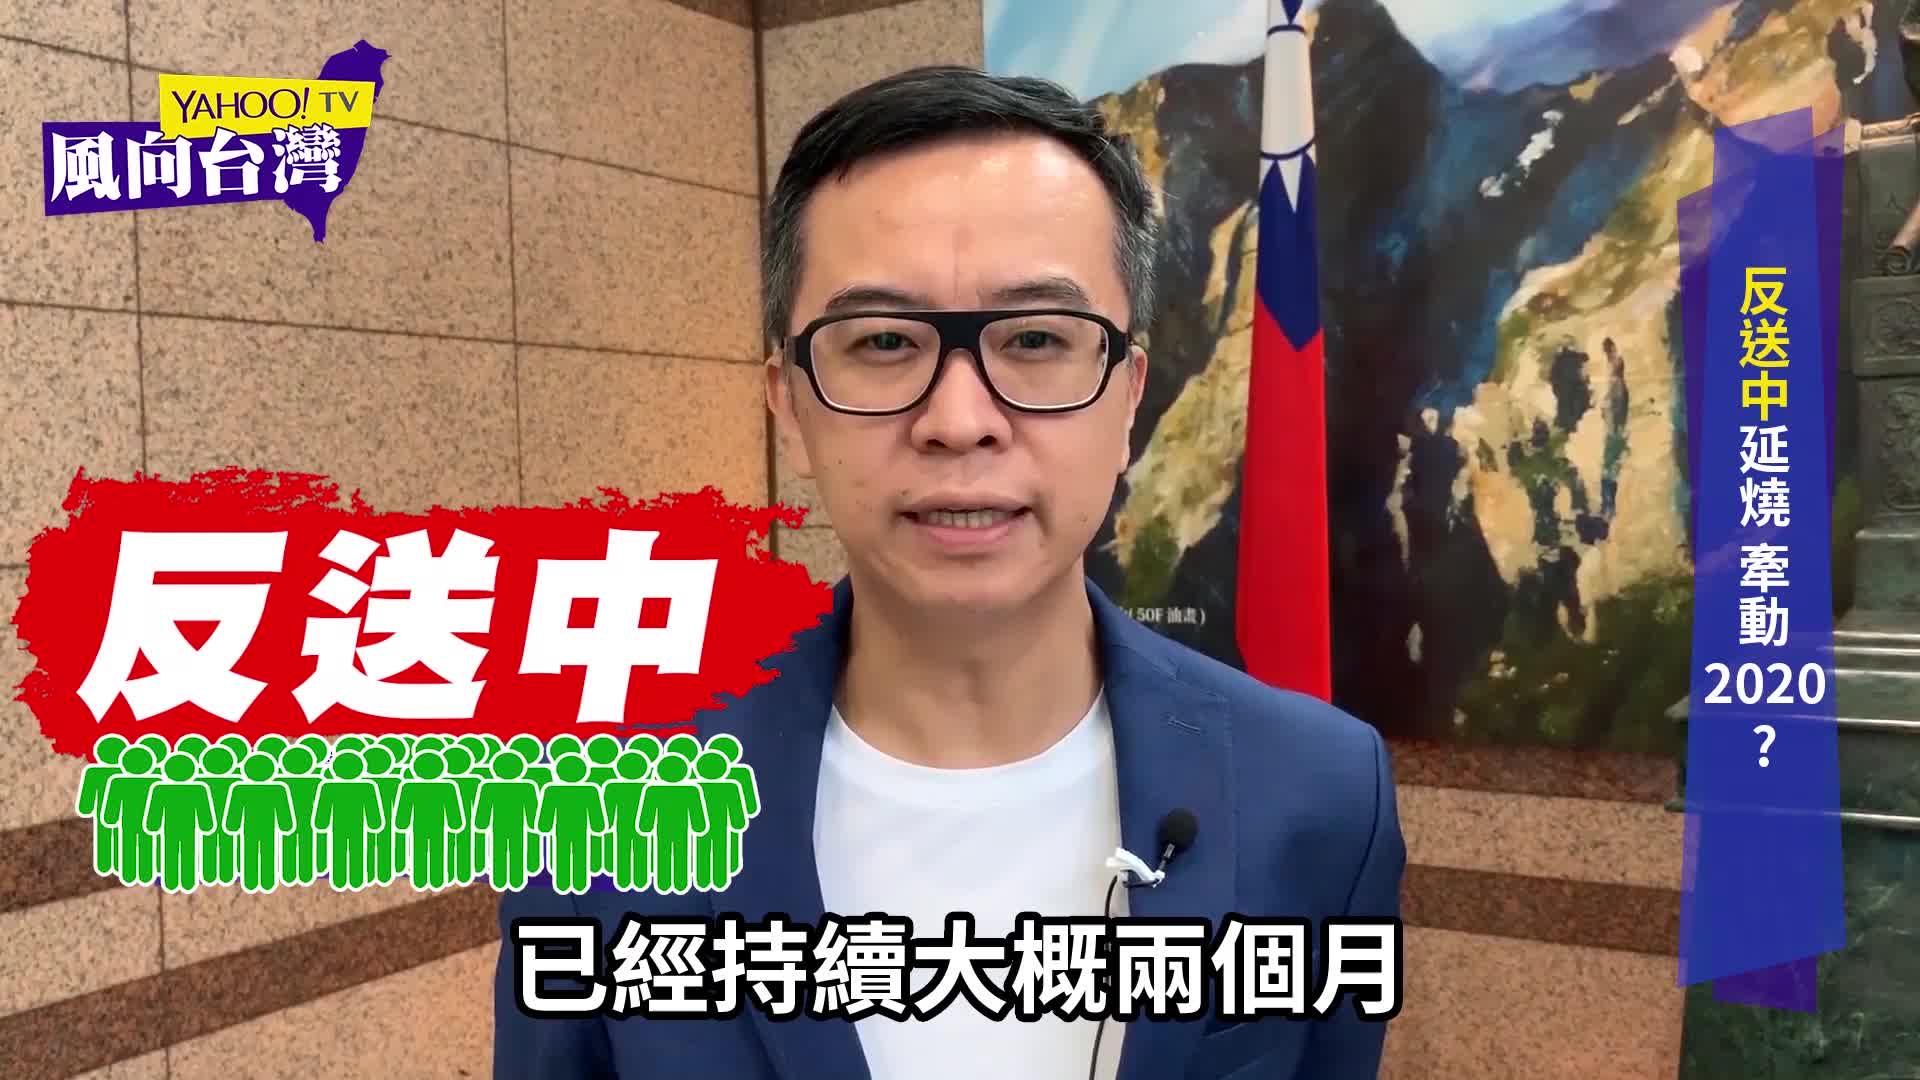 今日香港、明日台灣?他批小英玩弄政治語言